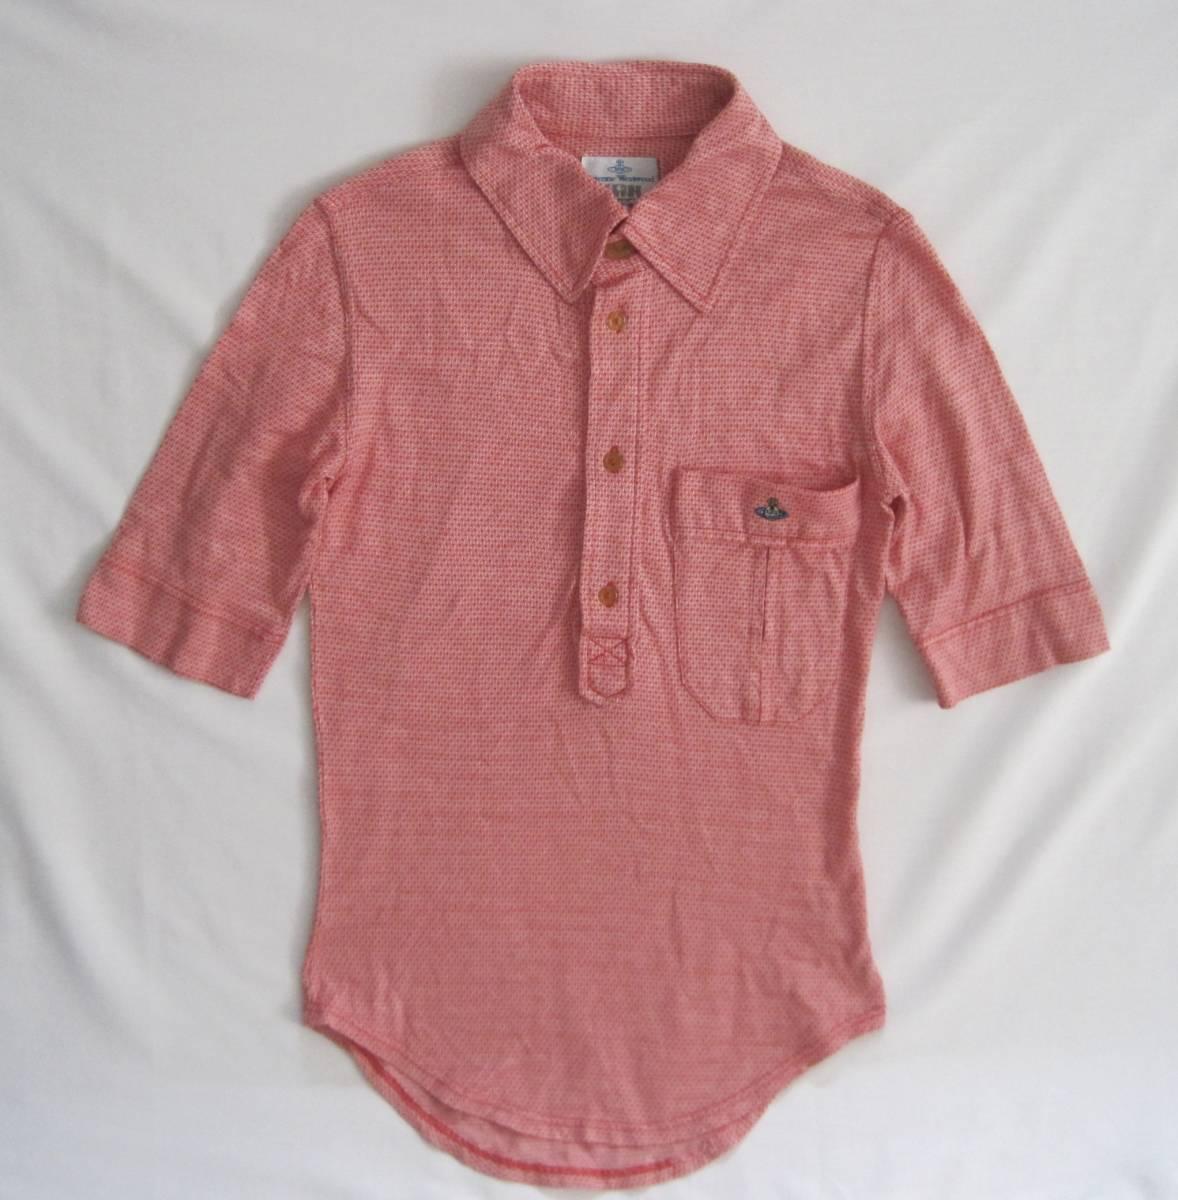 Vivienne Westwood man ヴィヴィアンウエストウッド マン 半袖シャツ S 初期 イタリア製 オリゾンティ